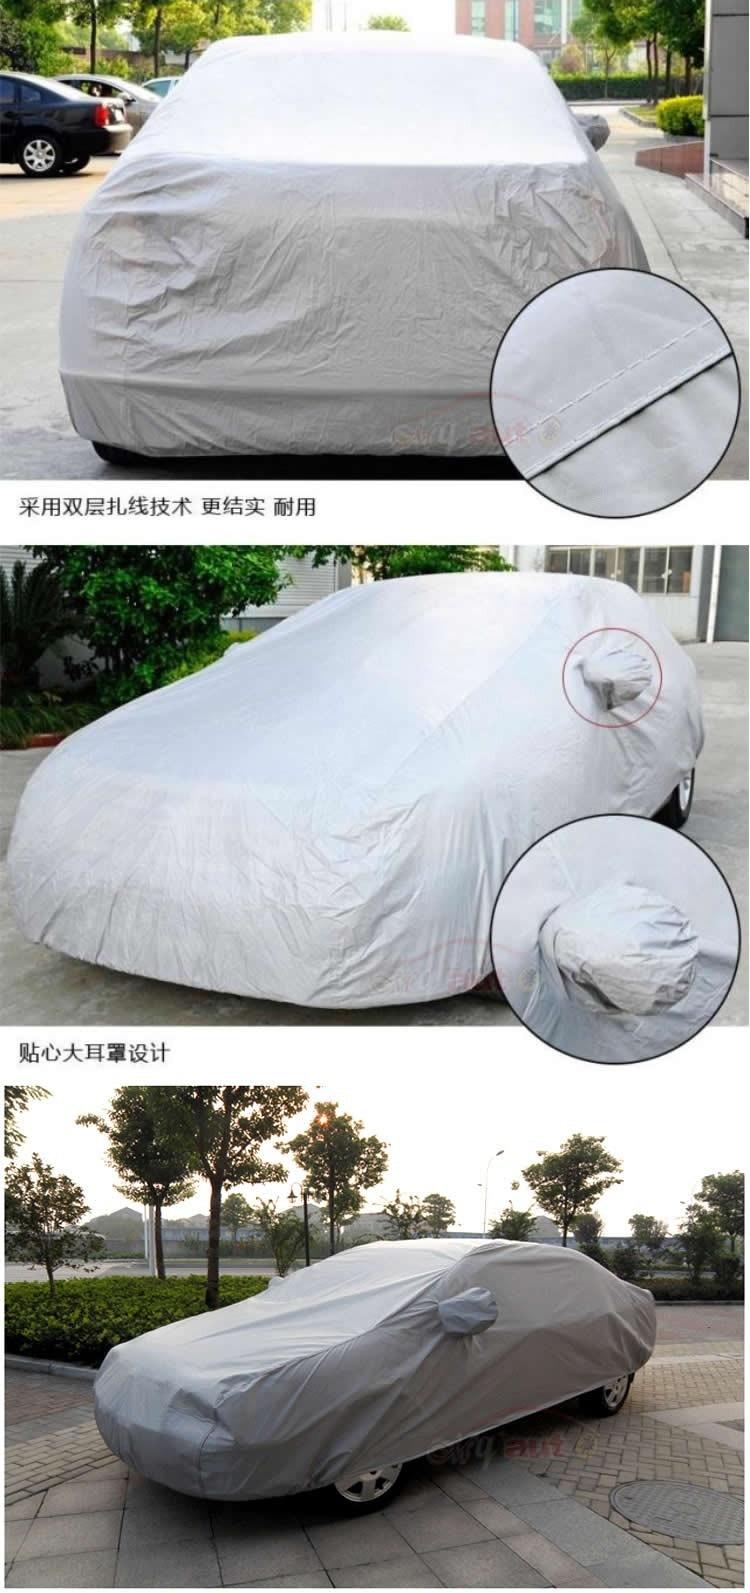 anti-dust car cover